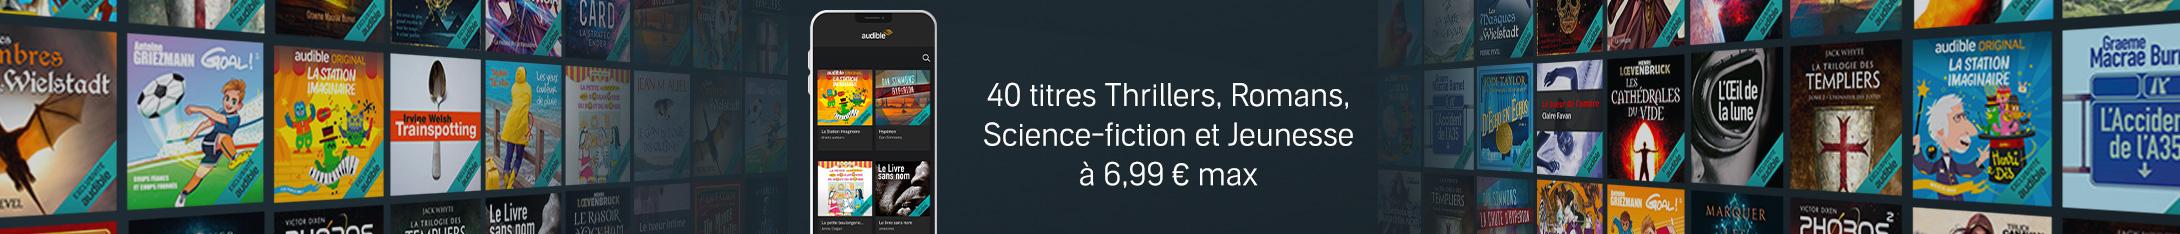 Audible séries : 40 titres à seulement 6,99€ chacun